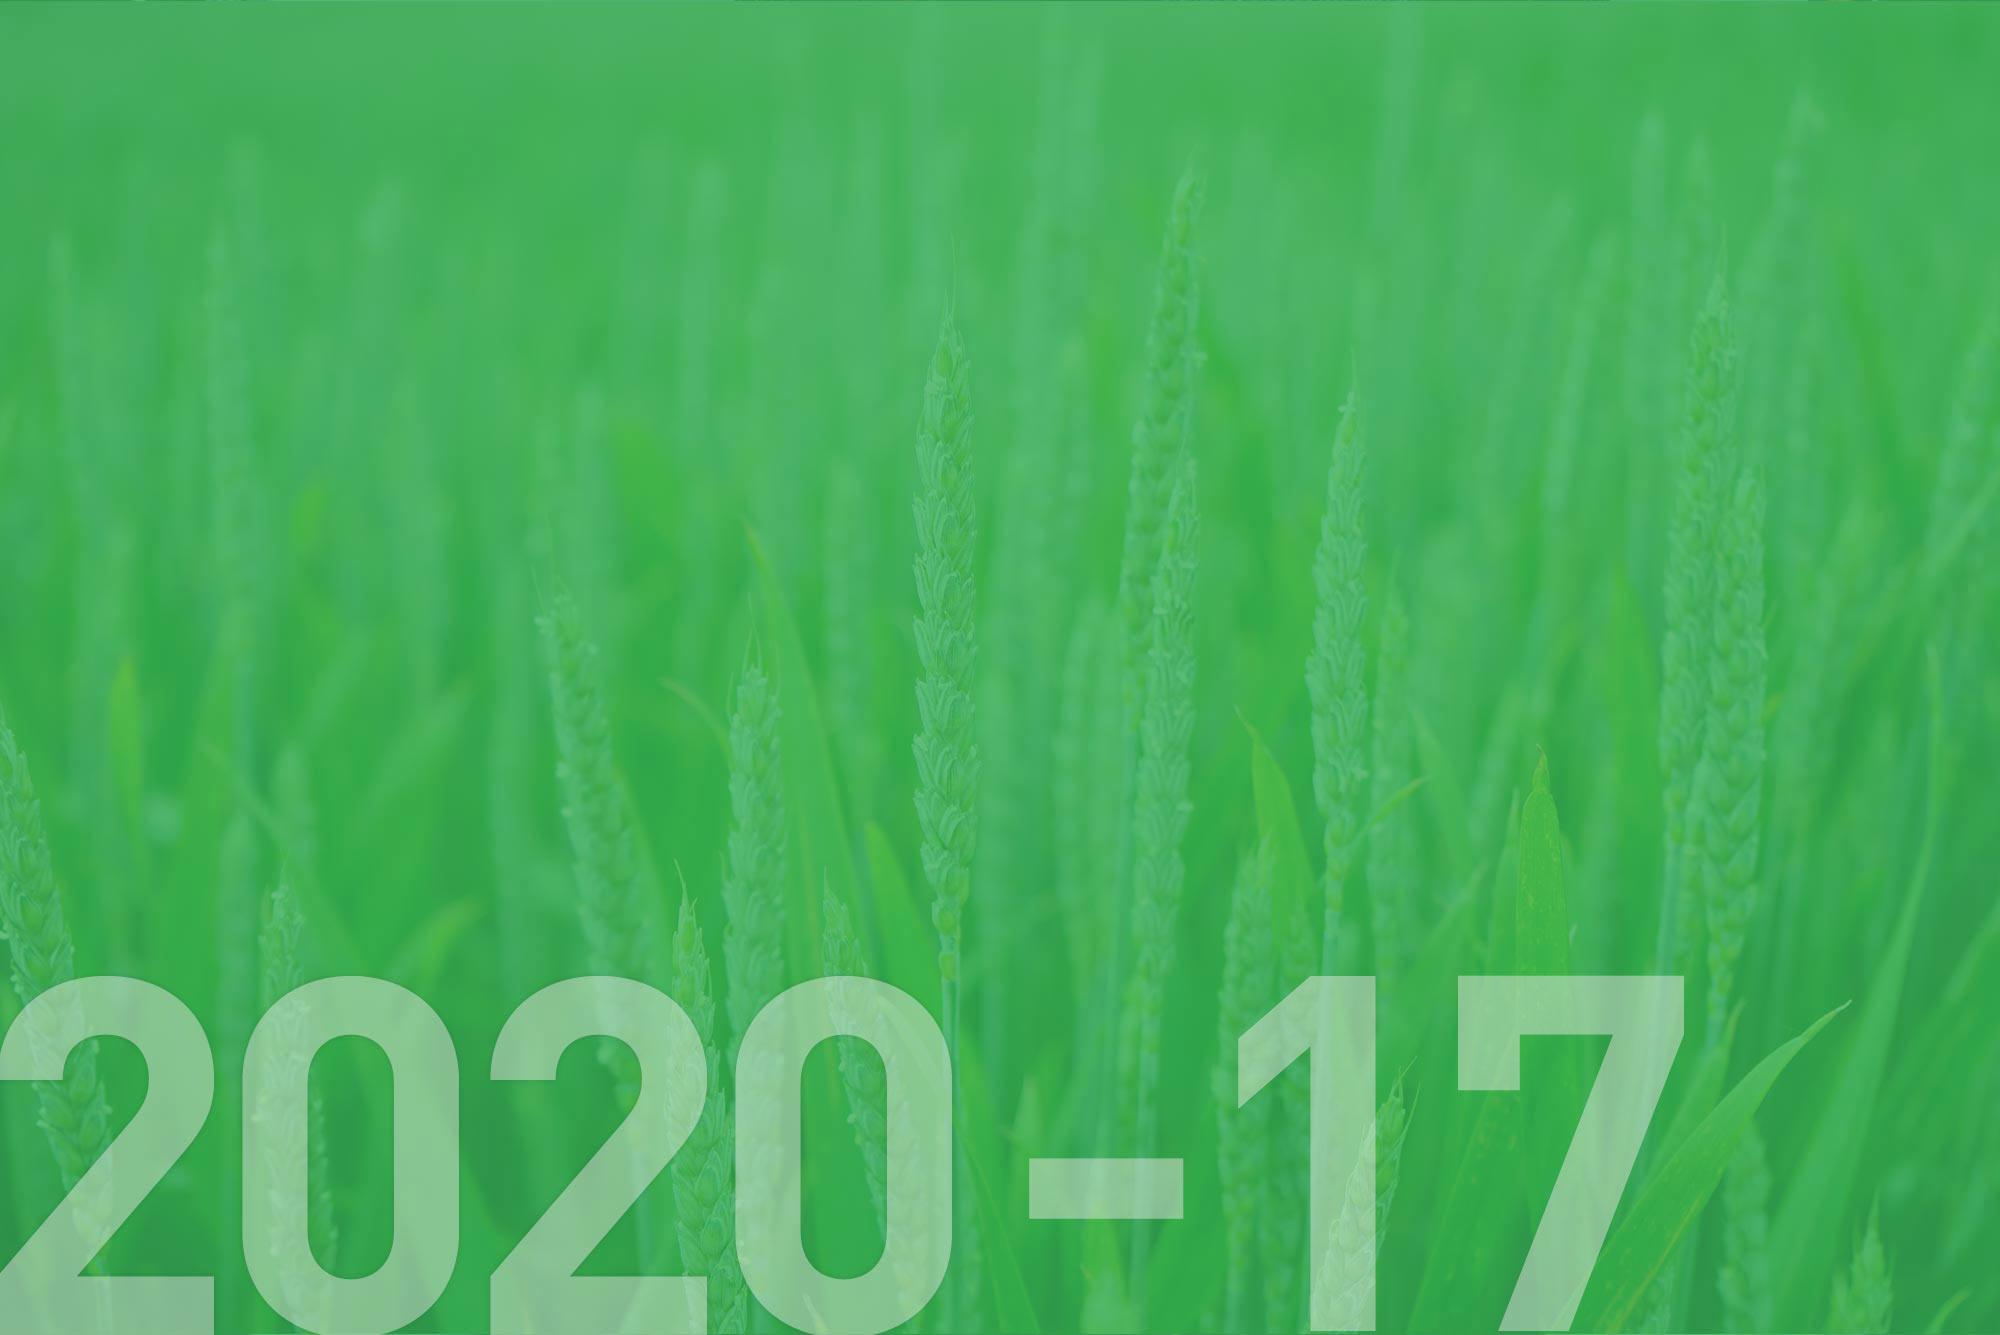 Oro Agri News 2020-2017